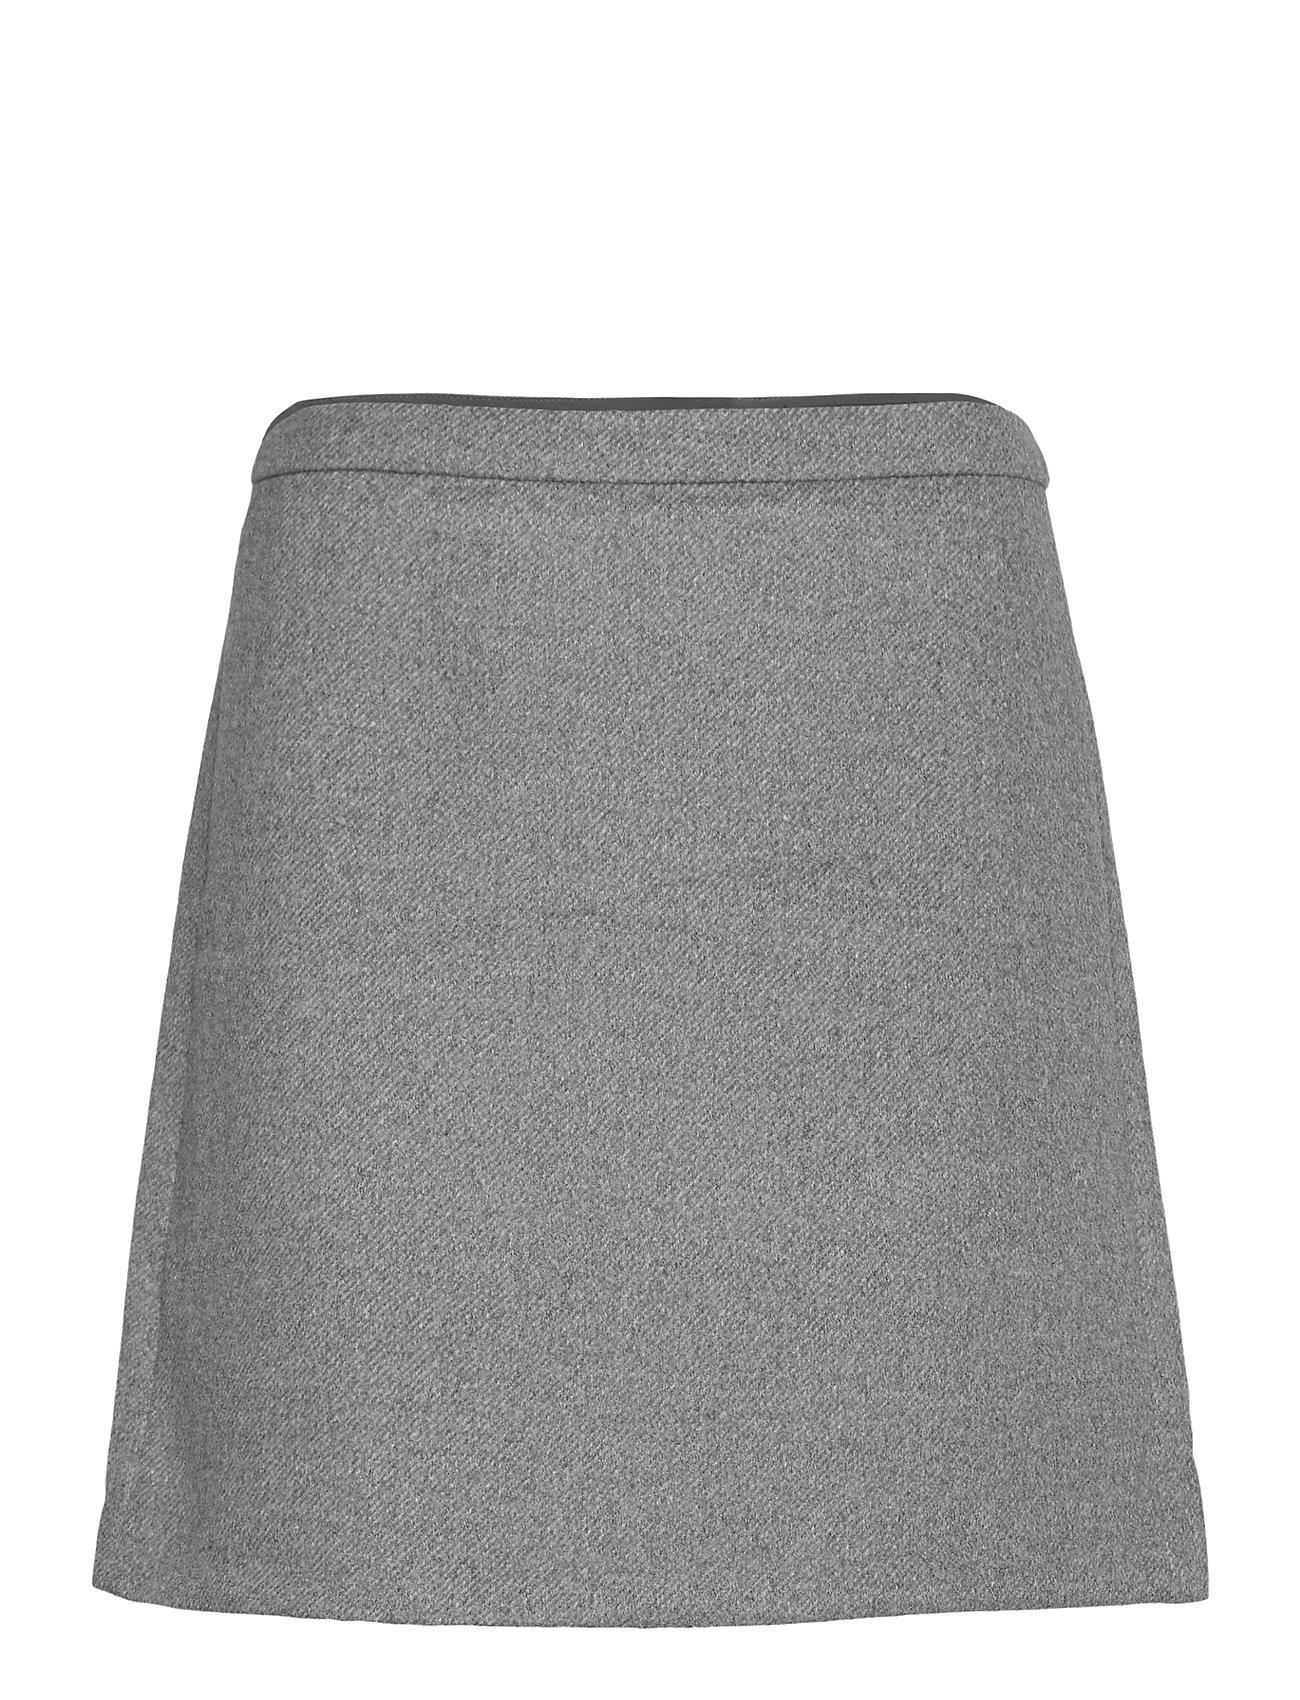 Image of Skirts Woven Kort Nederdel Grå Esprit Collection (3452218401)